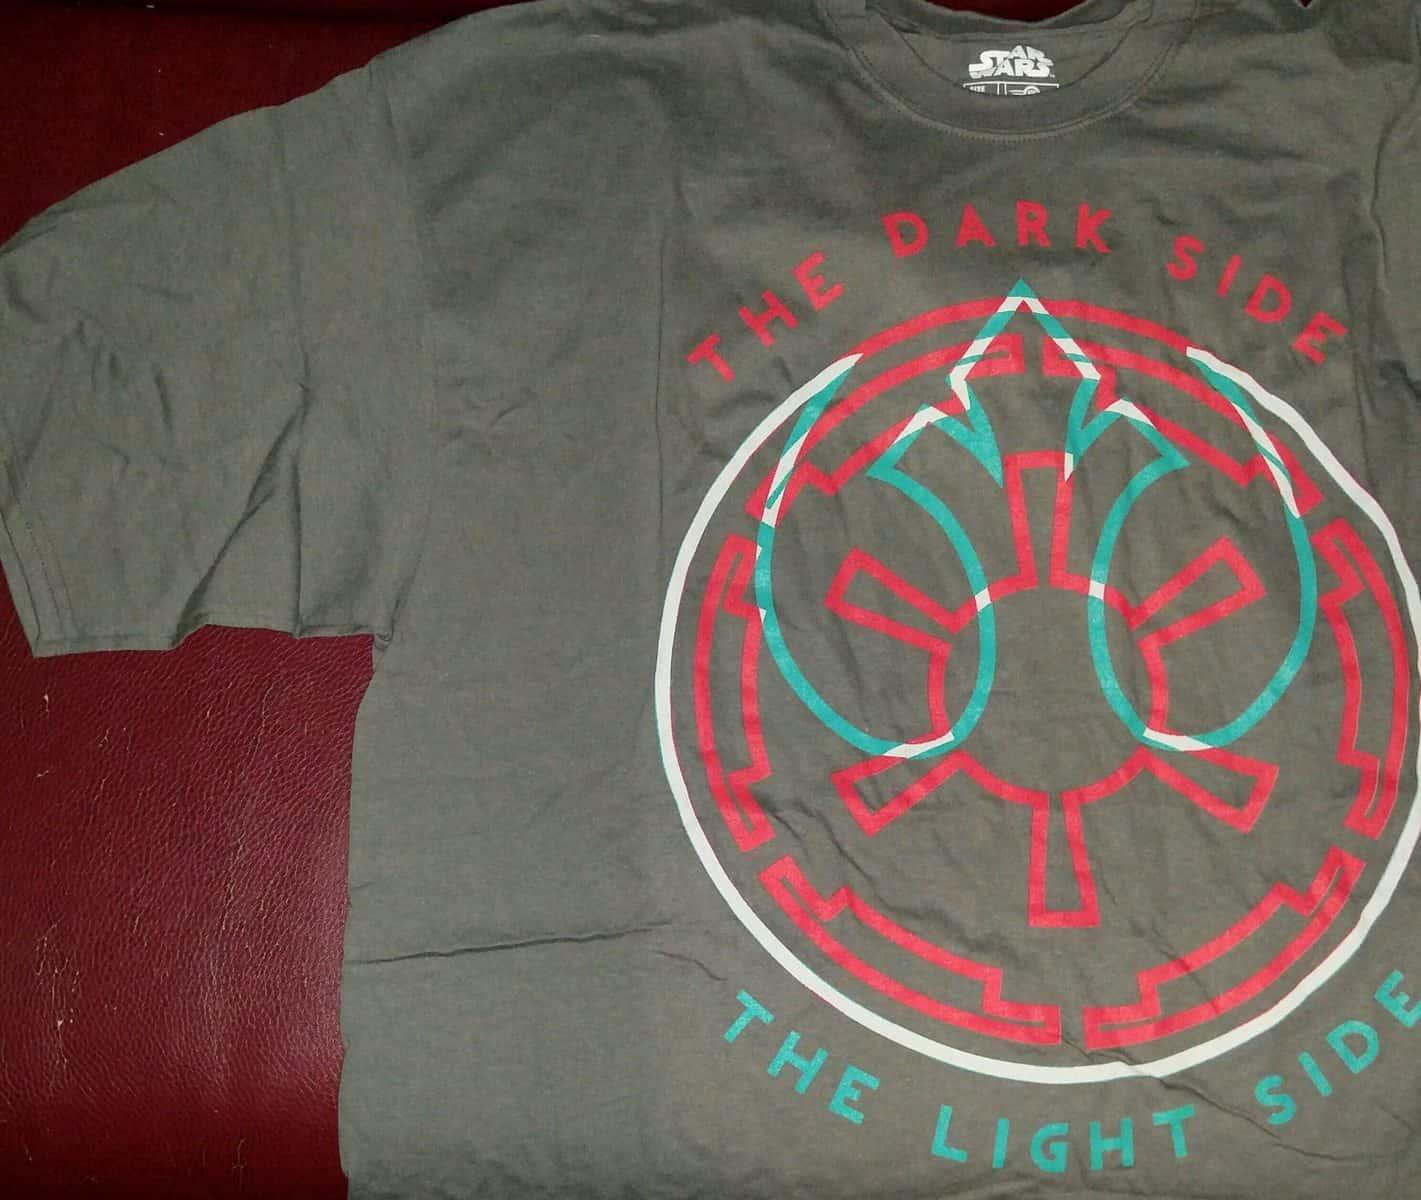 December 2016 Powered Geek Box Review - Star Wars Shirt